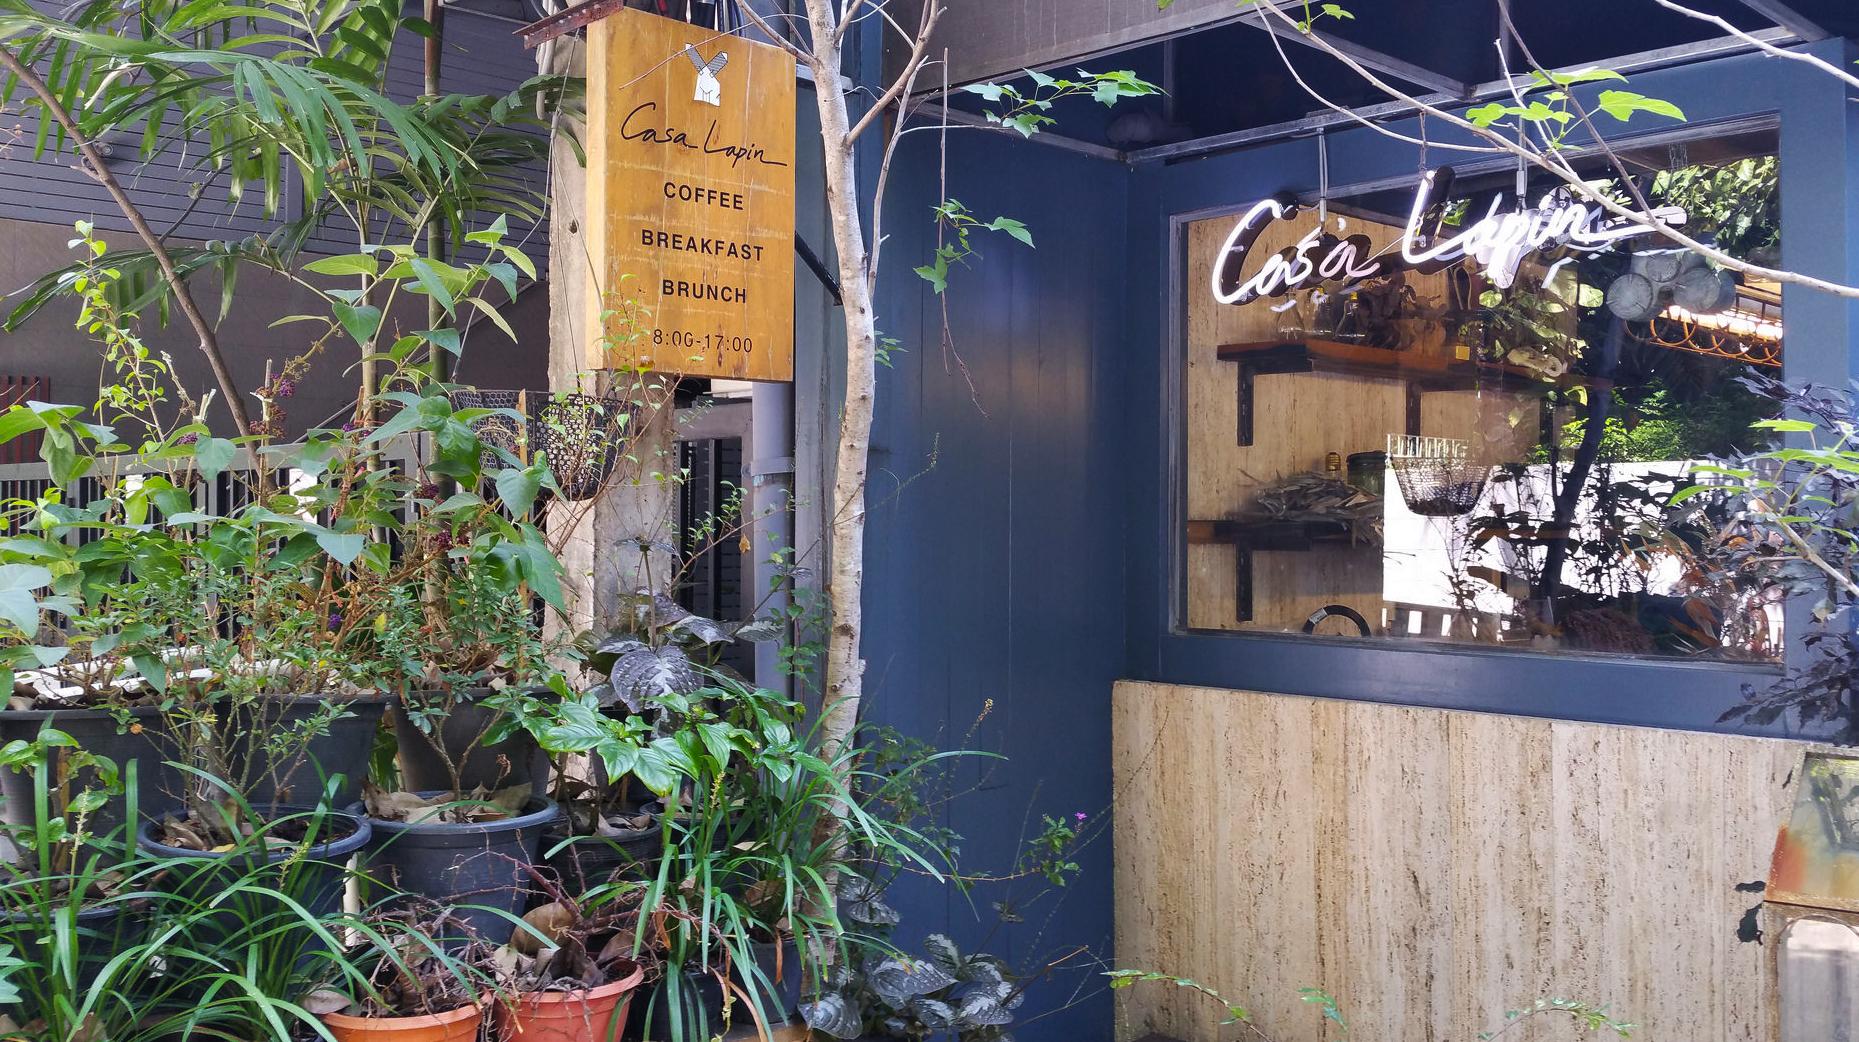 casa-lapin-coffee.jpg